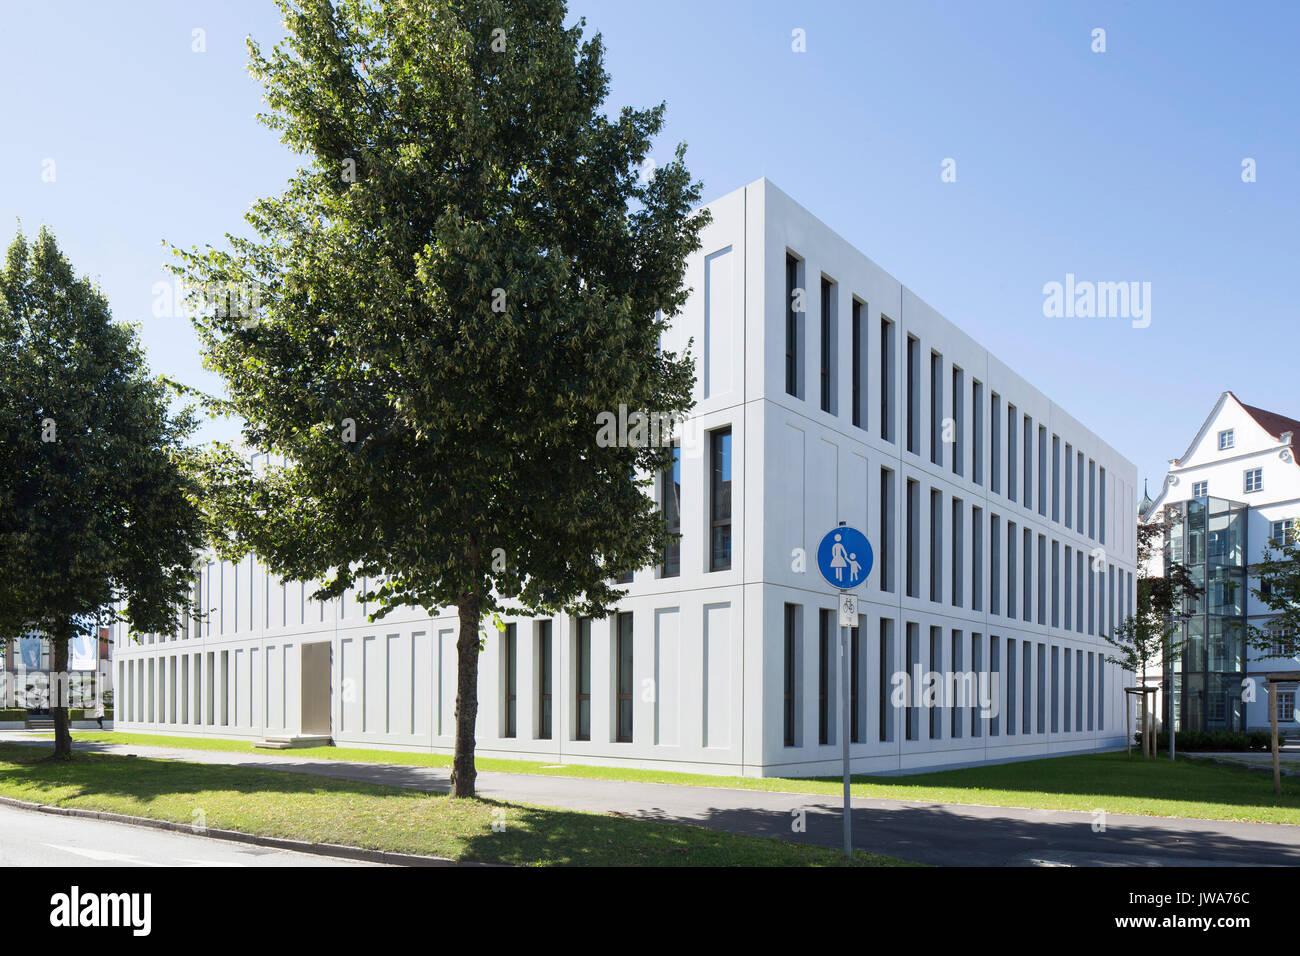 Architekten Biberach corner elevation of rear with context finanzamt finance office